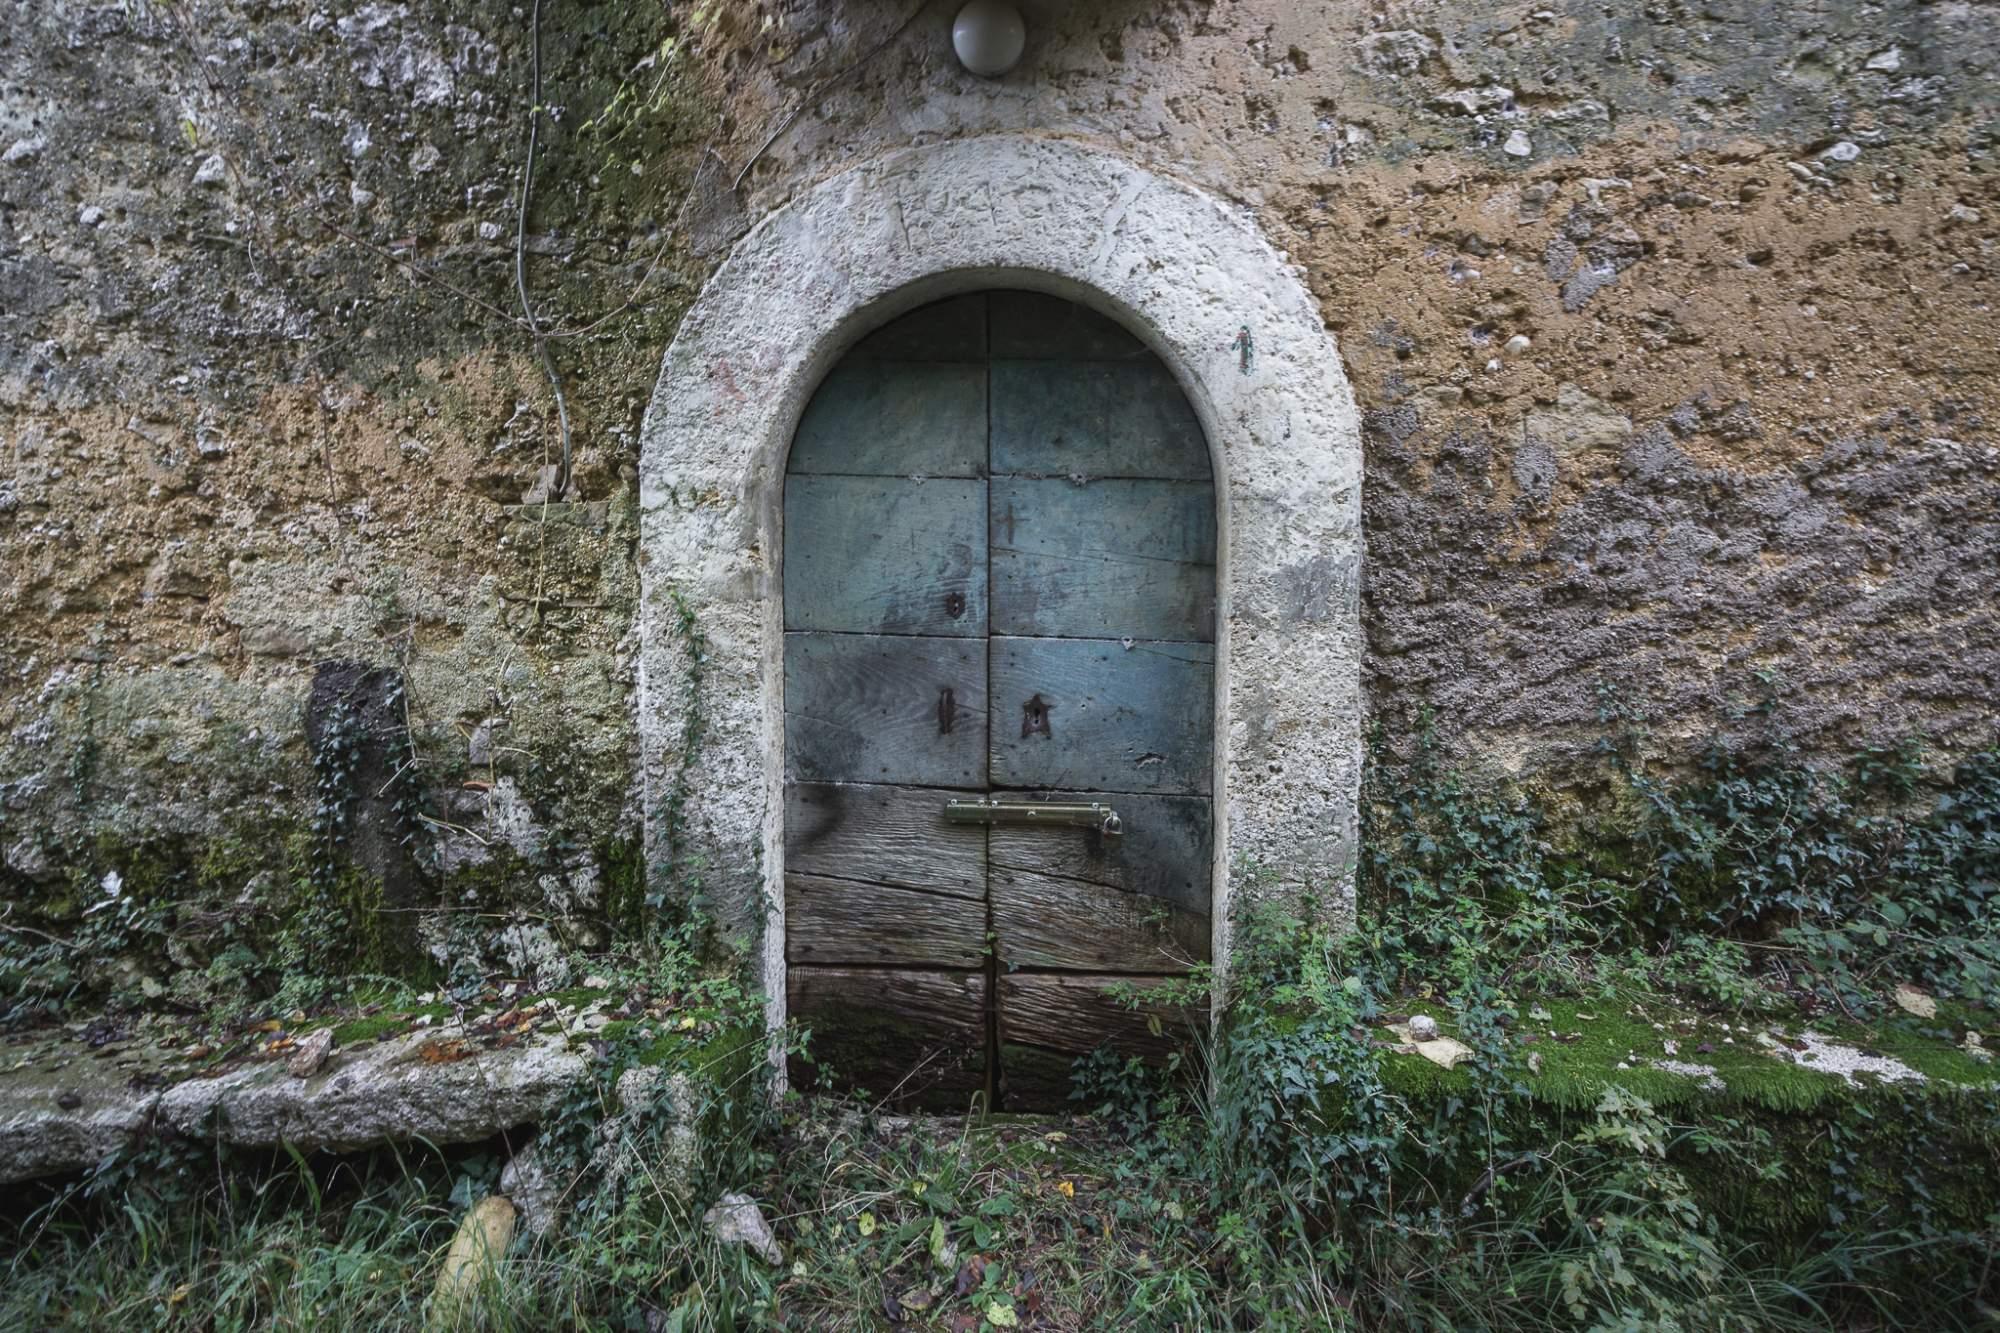 Forglieta, il piccolo borgo rurale abbandonato